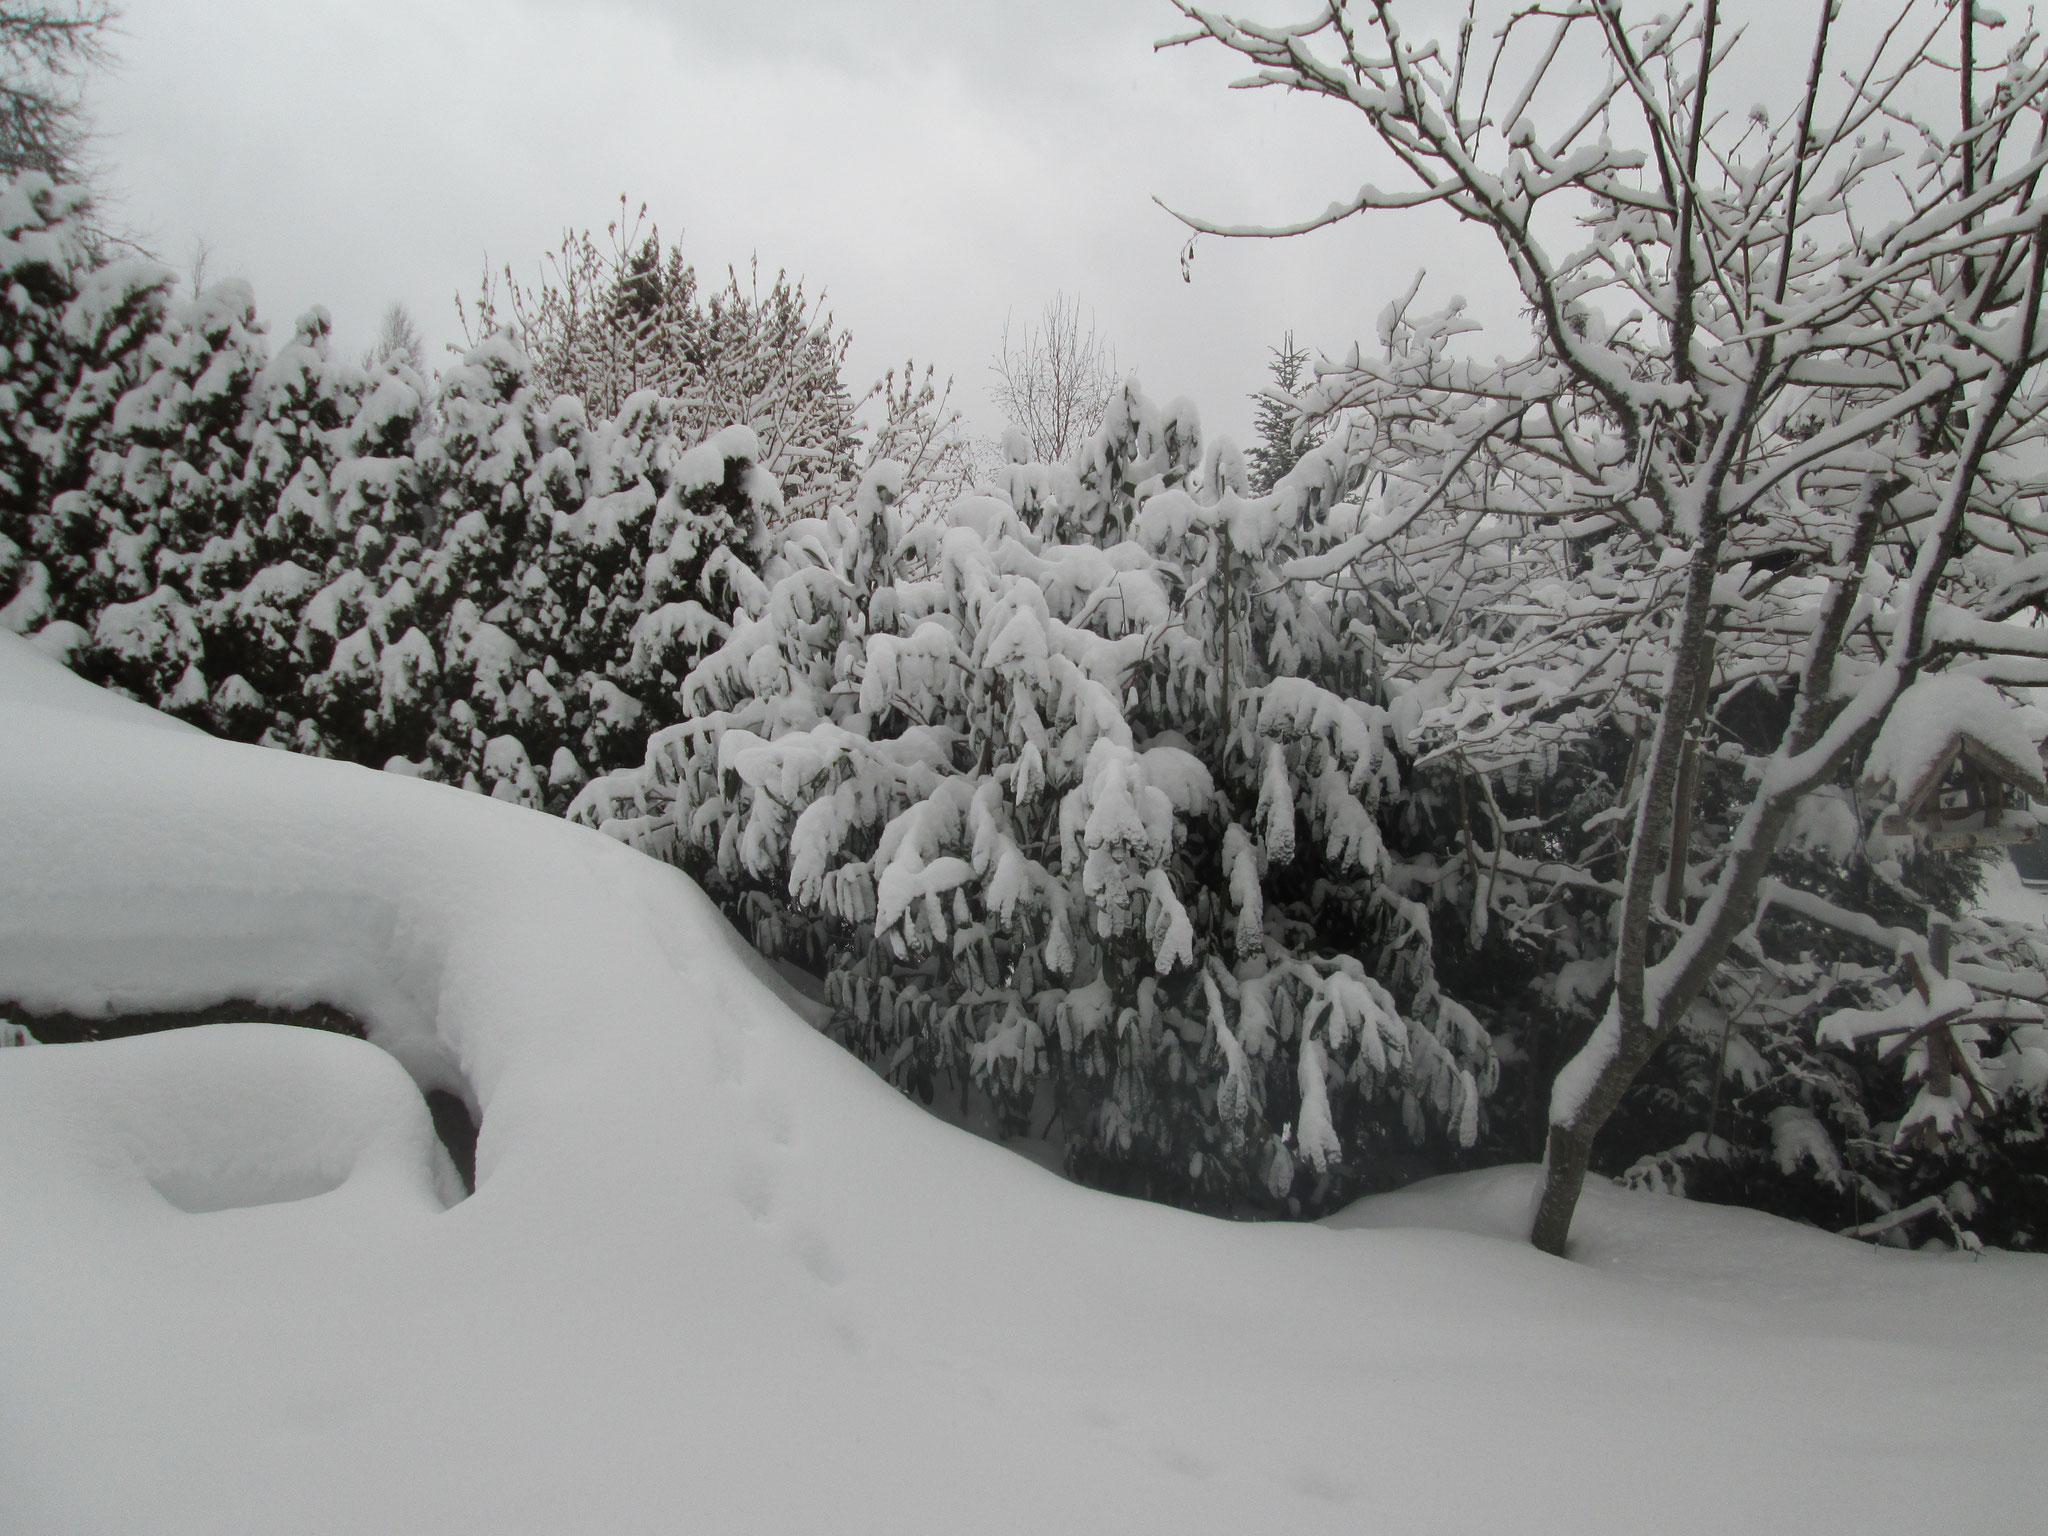 Der Schnee stiebte von den Dächern, beschoss in Böen die Windschutzscheiben und brachte die Räder zum Durchdrehen, als das Auto sich langsam das verschneite Sträßchen den Berg hinauf arbeitete.